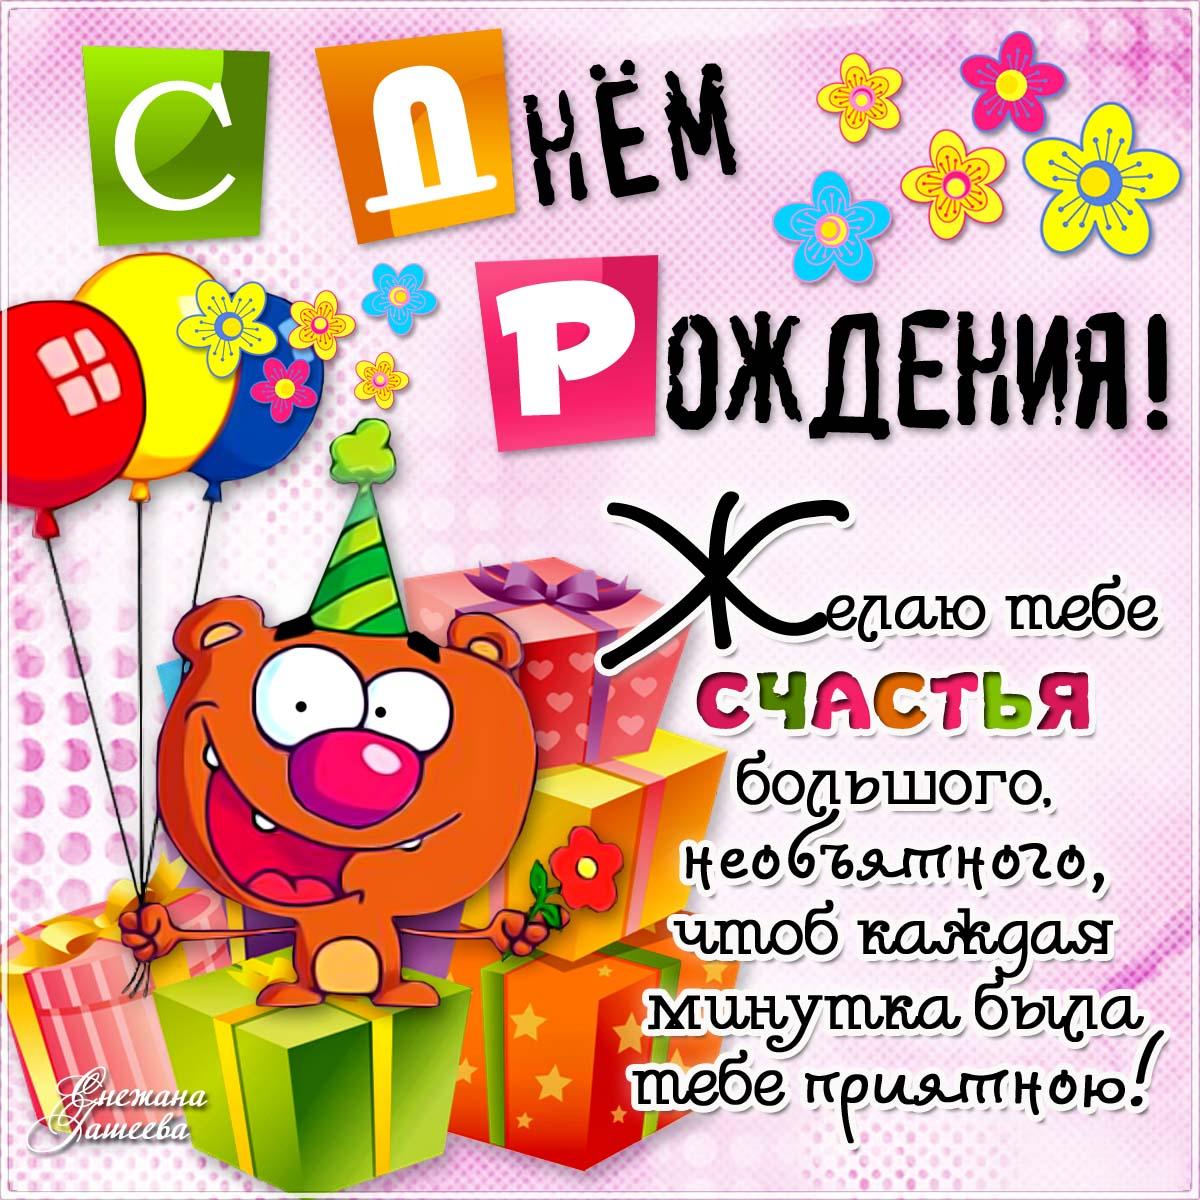 Красивые слова для поздравления с днем рождения маме